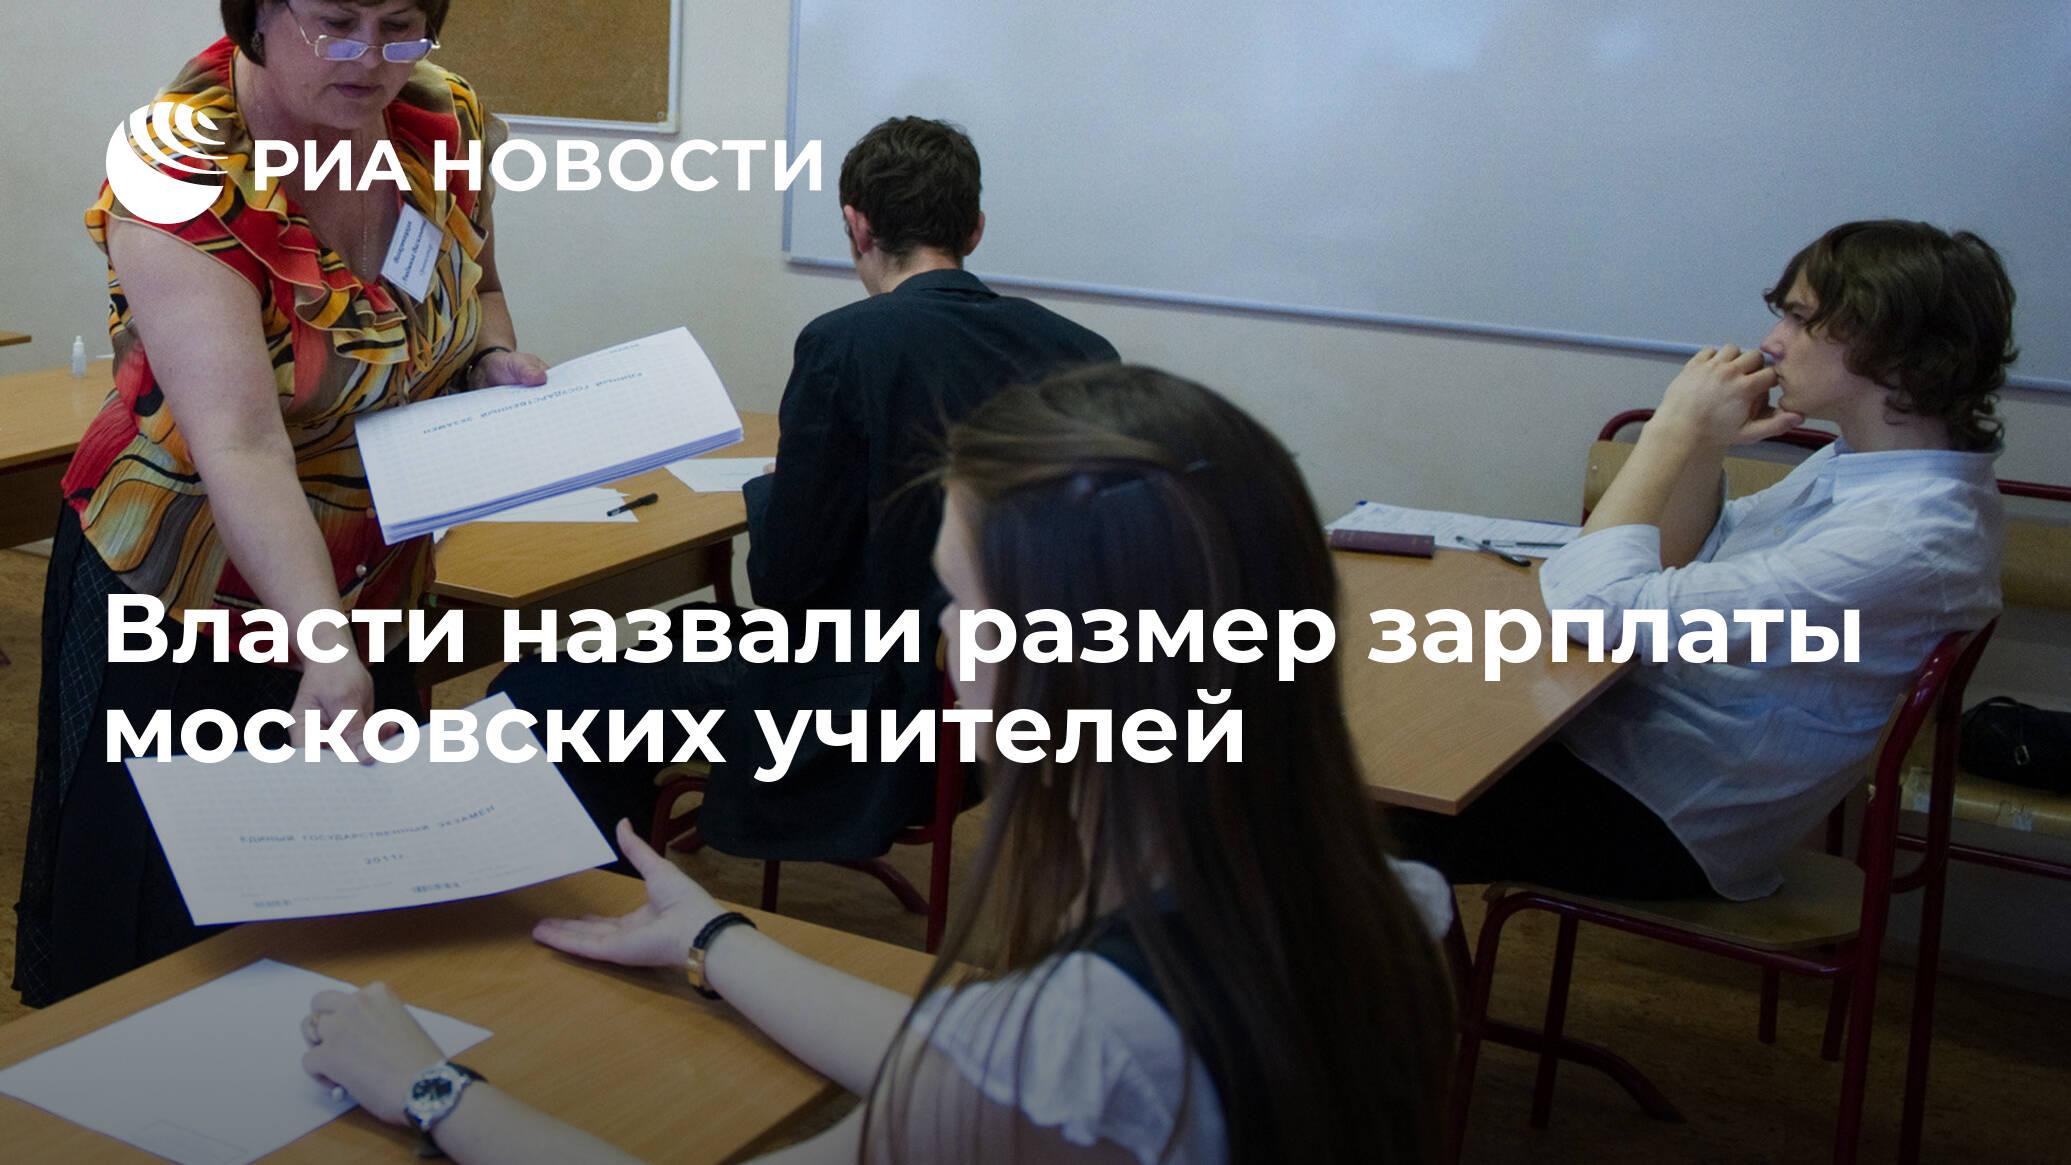 Власти назвали размер зарплаты московских учителей